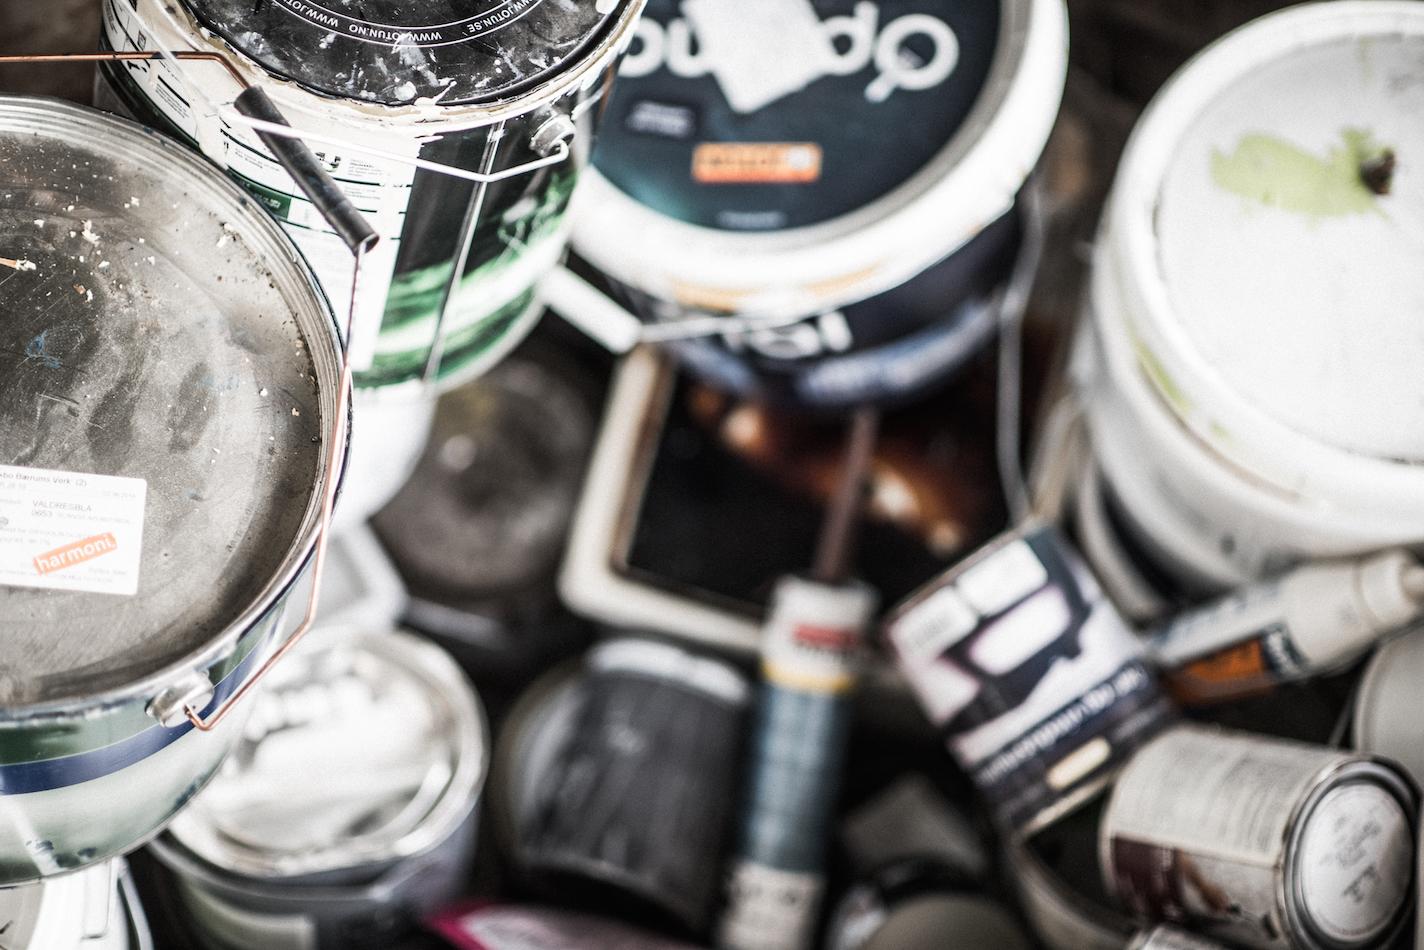 Bilde av maling, lim og lakk. Foto: Terje Borid for LOOP